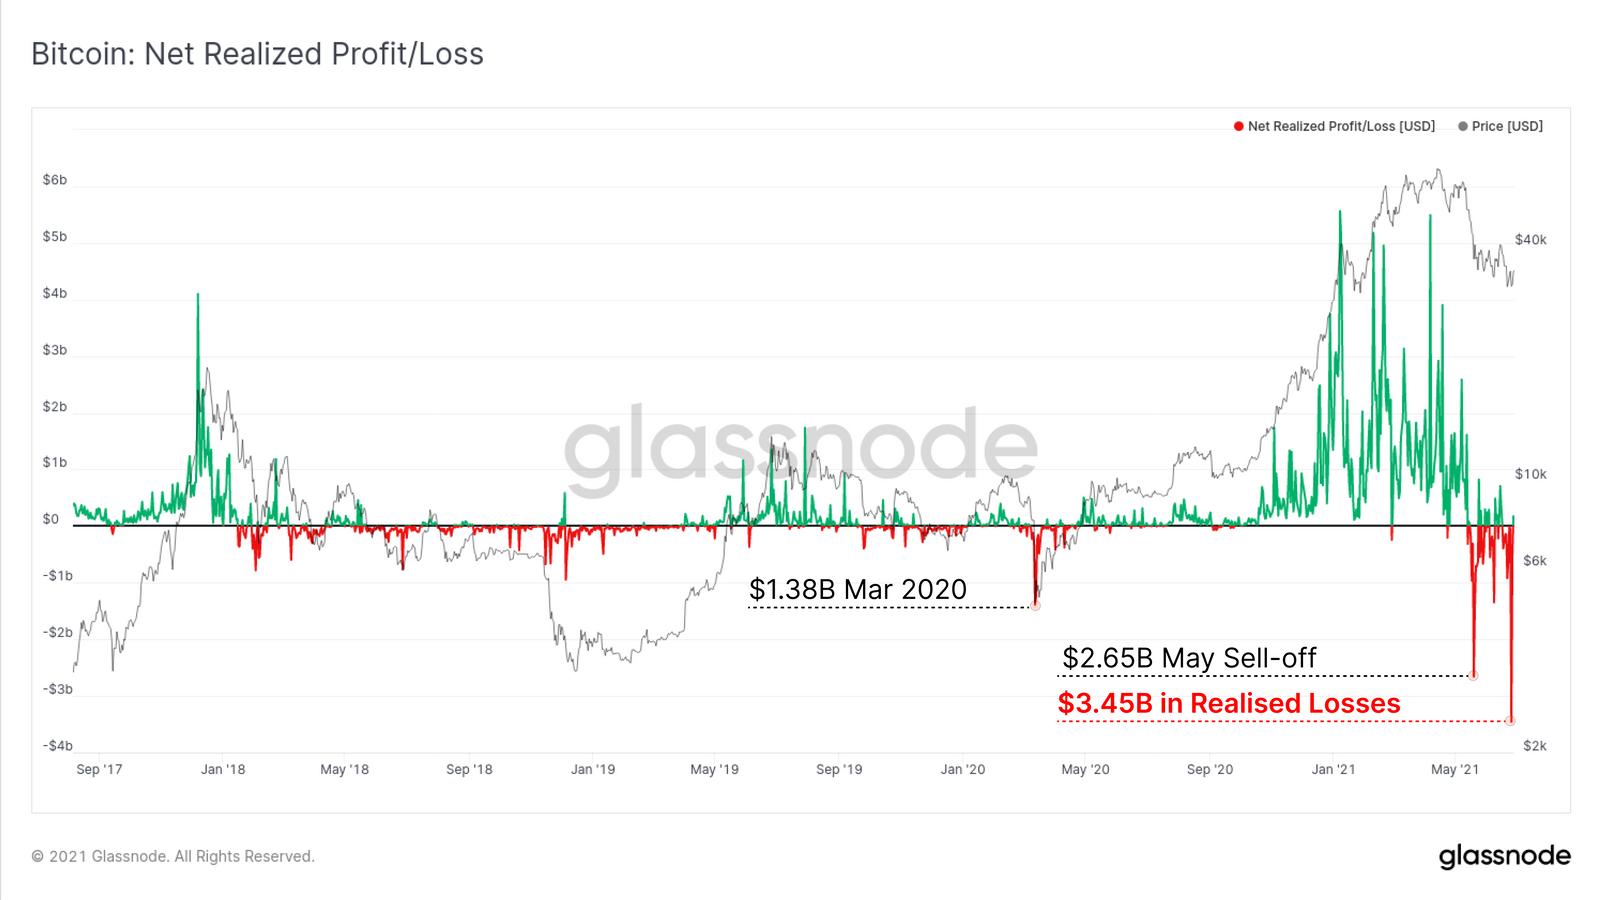 机构投资者目前并没有在历史高点的50%买入比特币